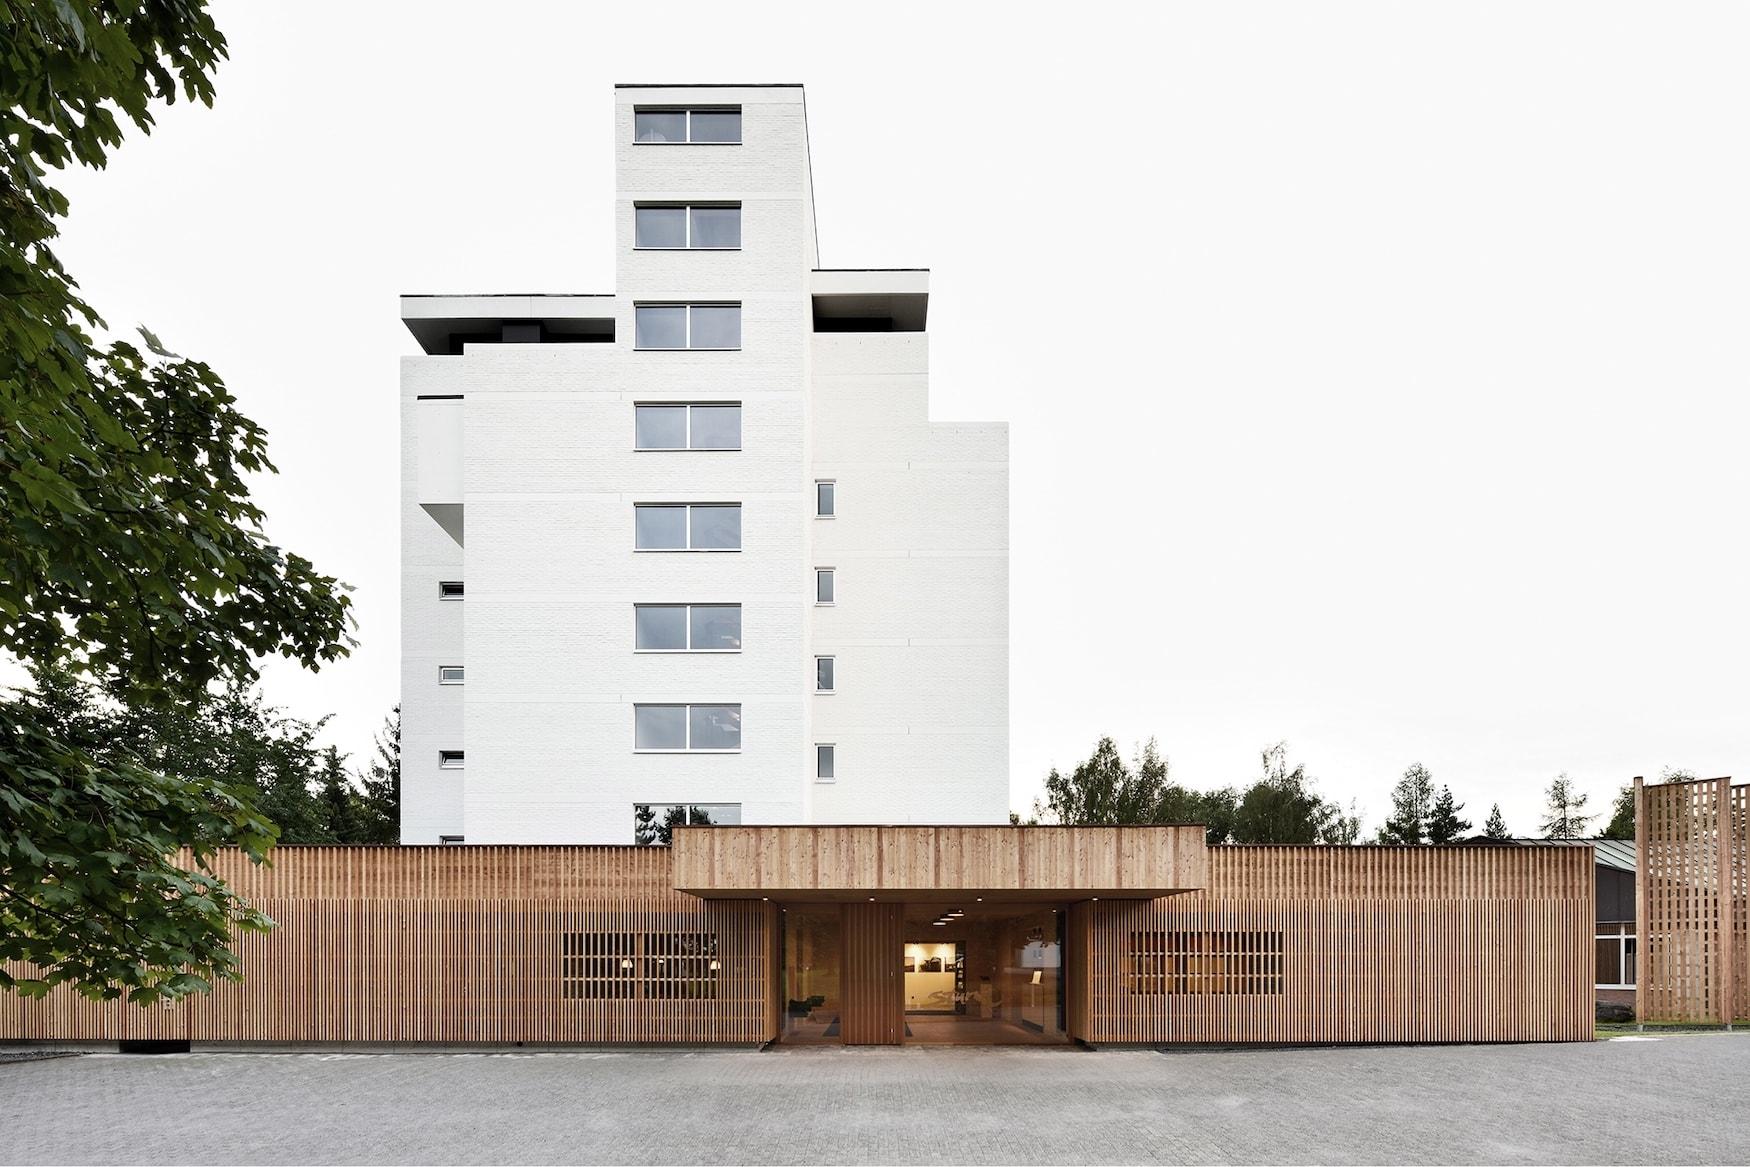 Außenfassade des Biohotels Sturm im Biosphärenreservat in der Rhön